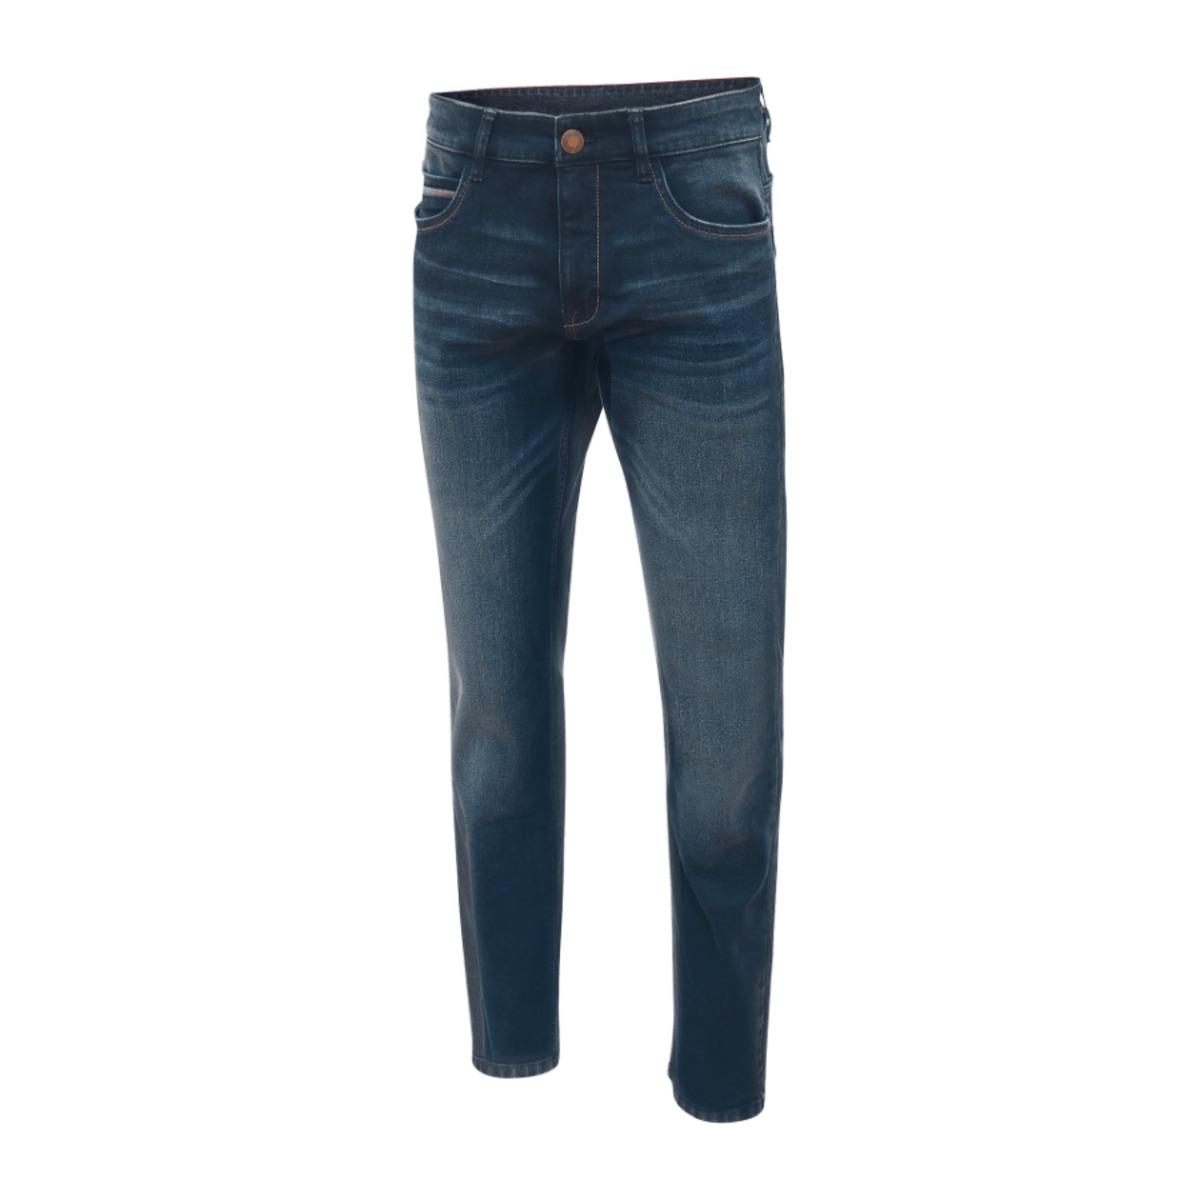 Bild 3 von STRAIGHT UP     Jeans